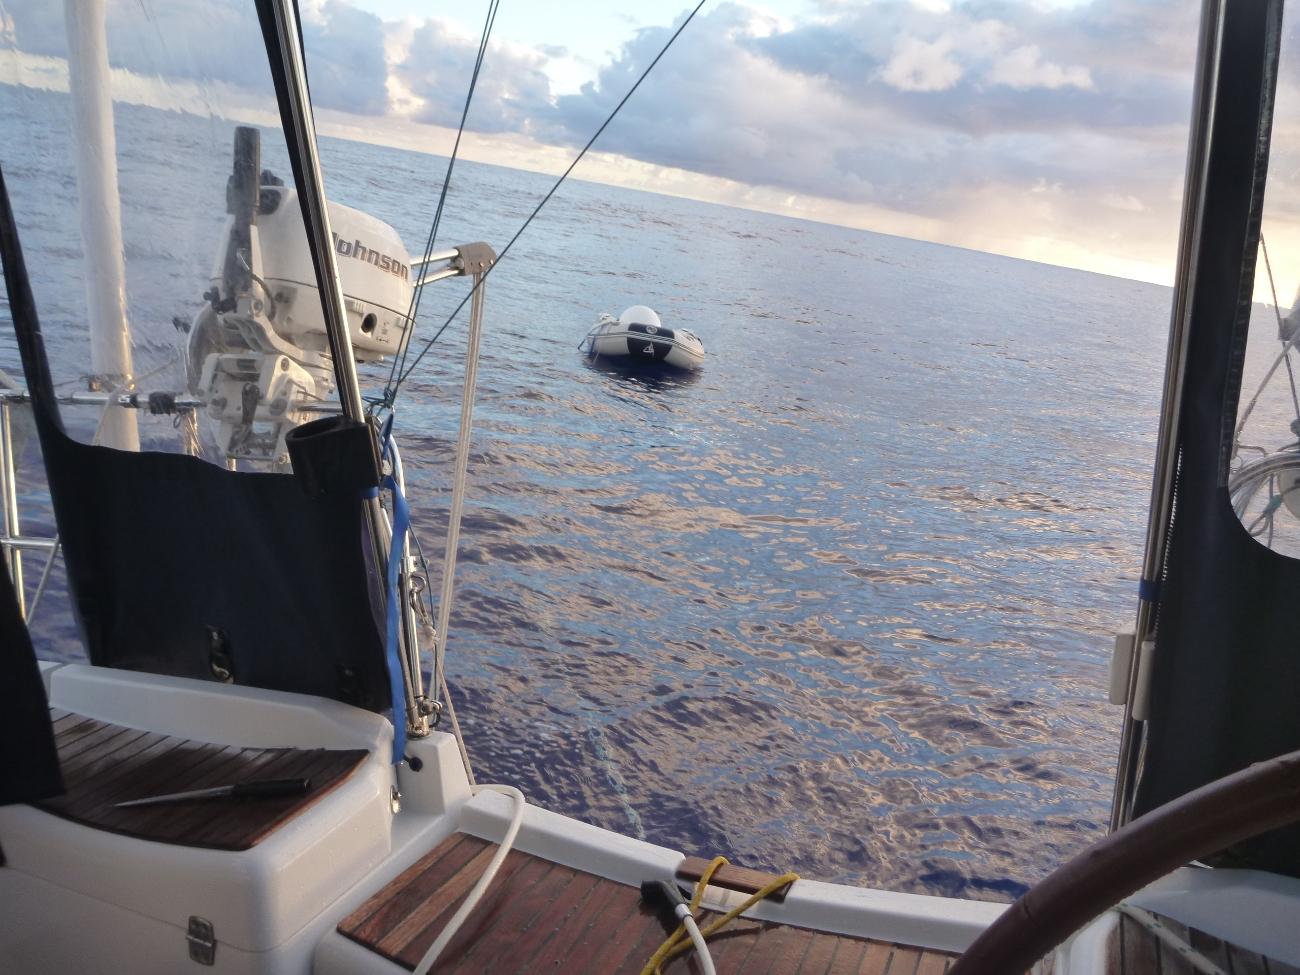 Dingy i ensom majestet mens skipperen kutter garn fra propellen.